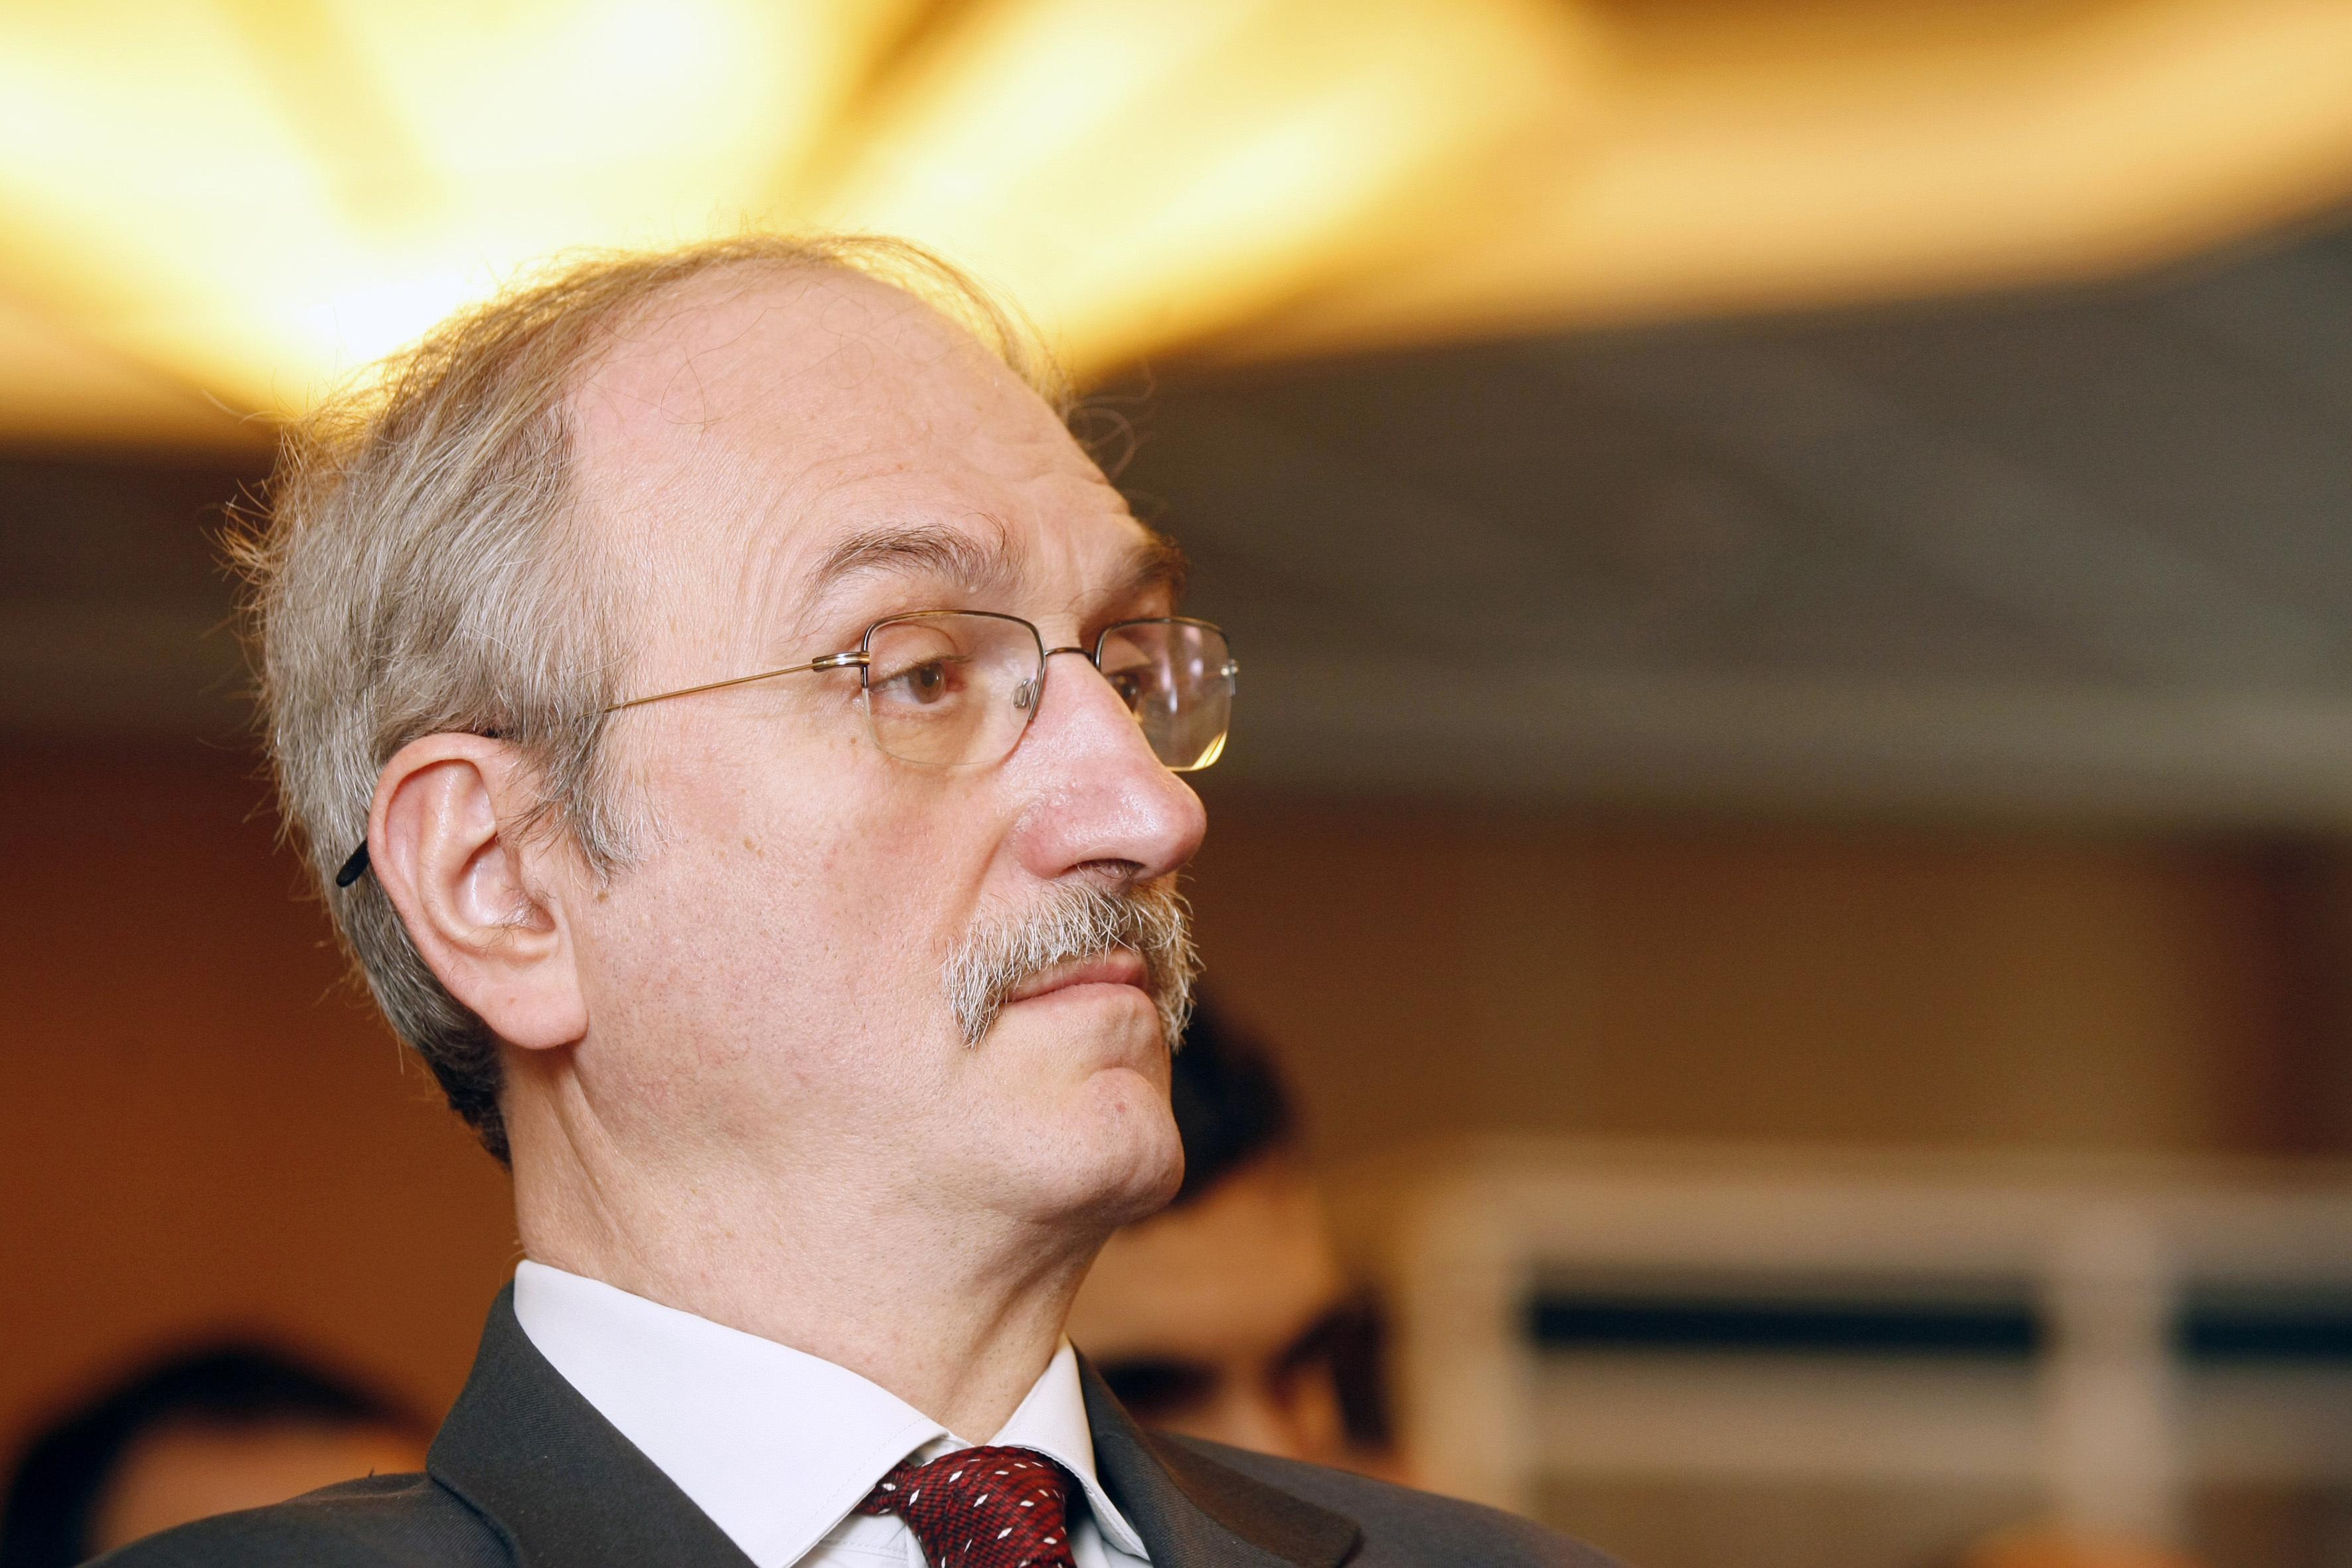 Aurelian Dochia, analist economic: Niciun guvern, de stânga sau de dreapta, nu va putea ignora piaţa